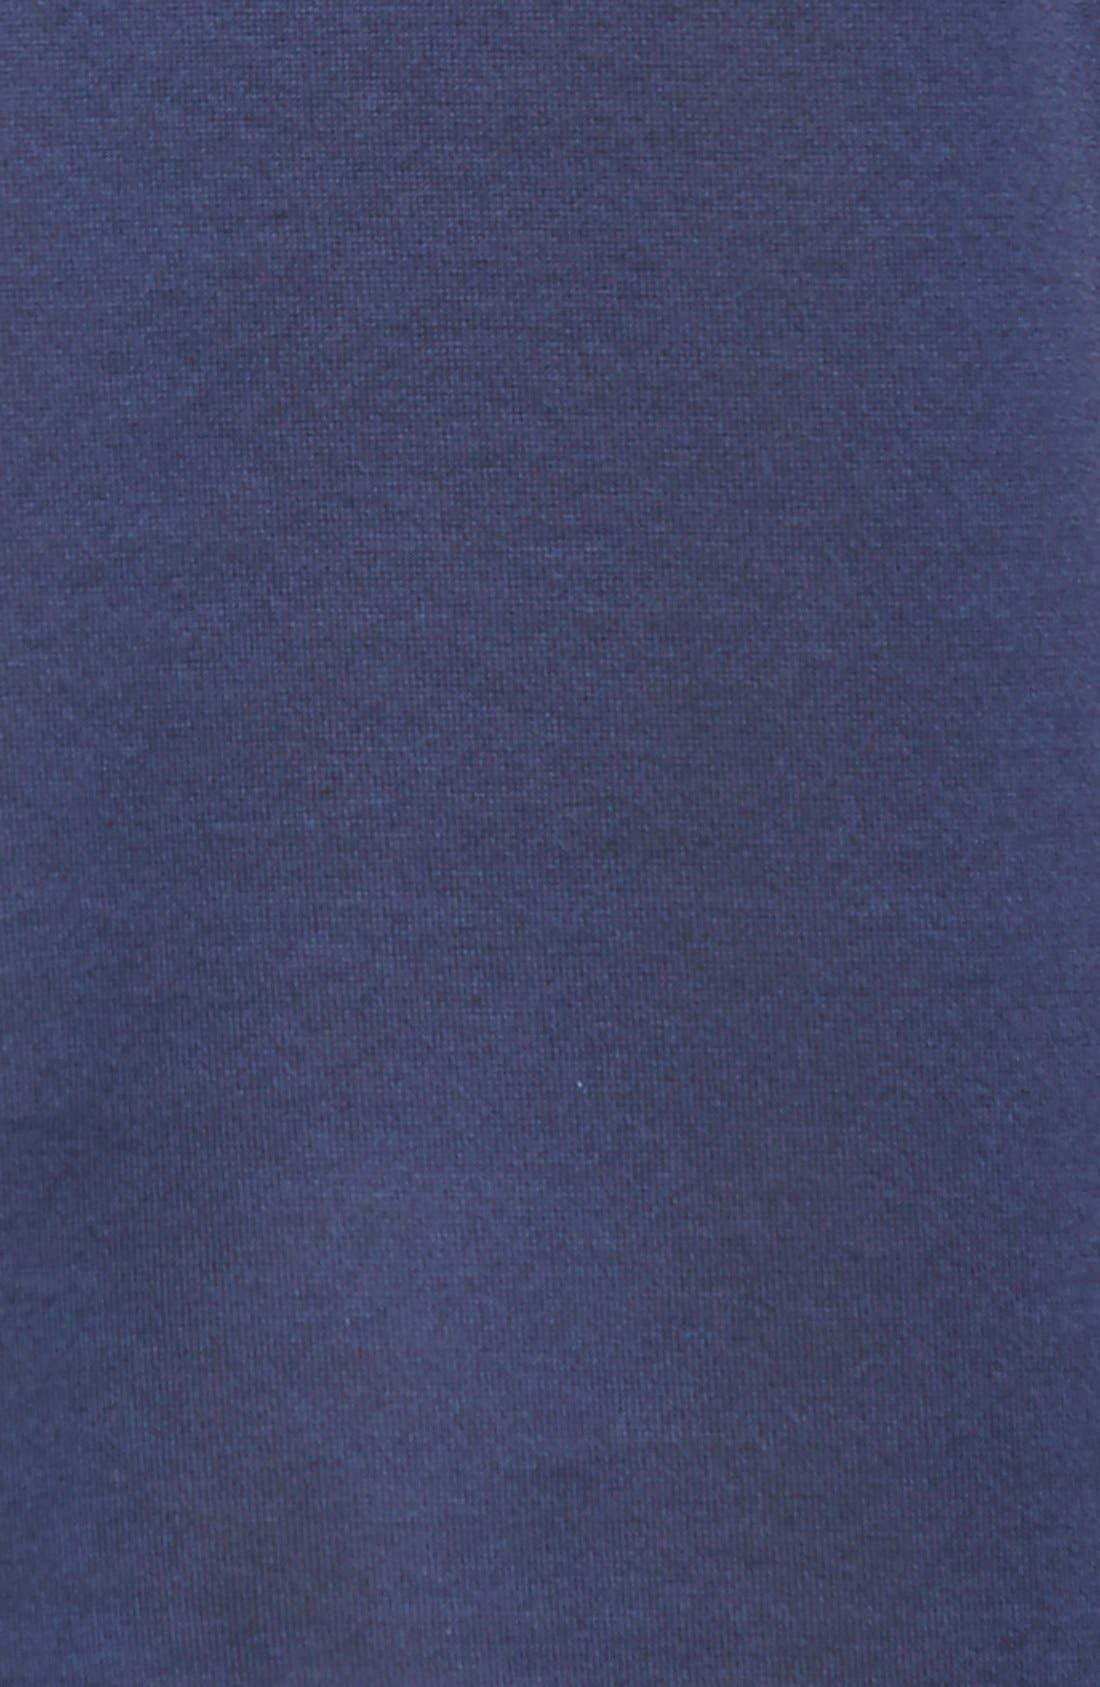 Alternate Image 3  - BOSS HUGO BOSS 'Lecco' T-Shirt